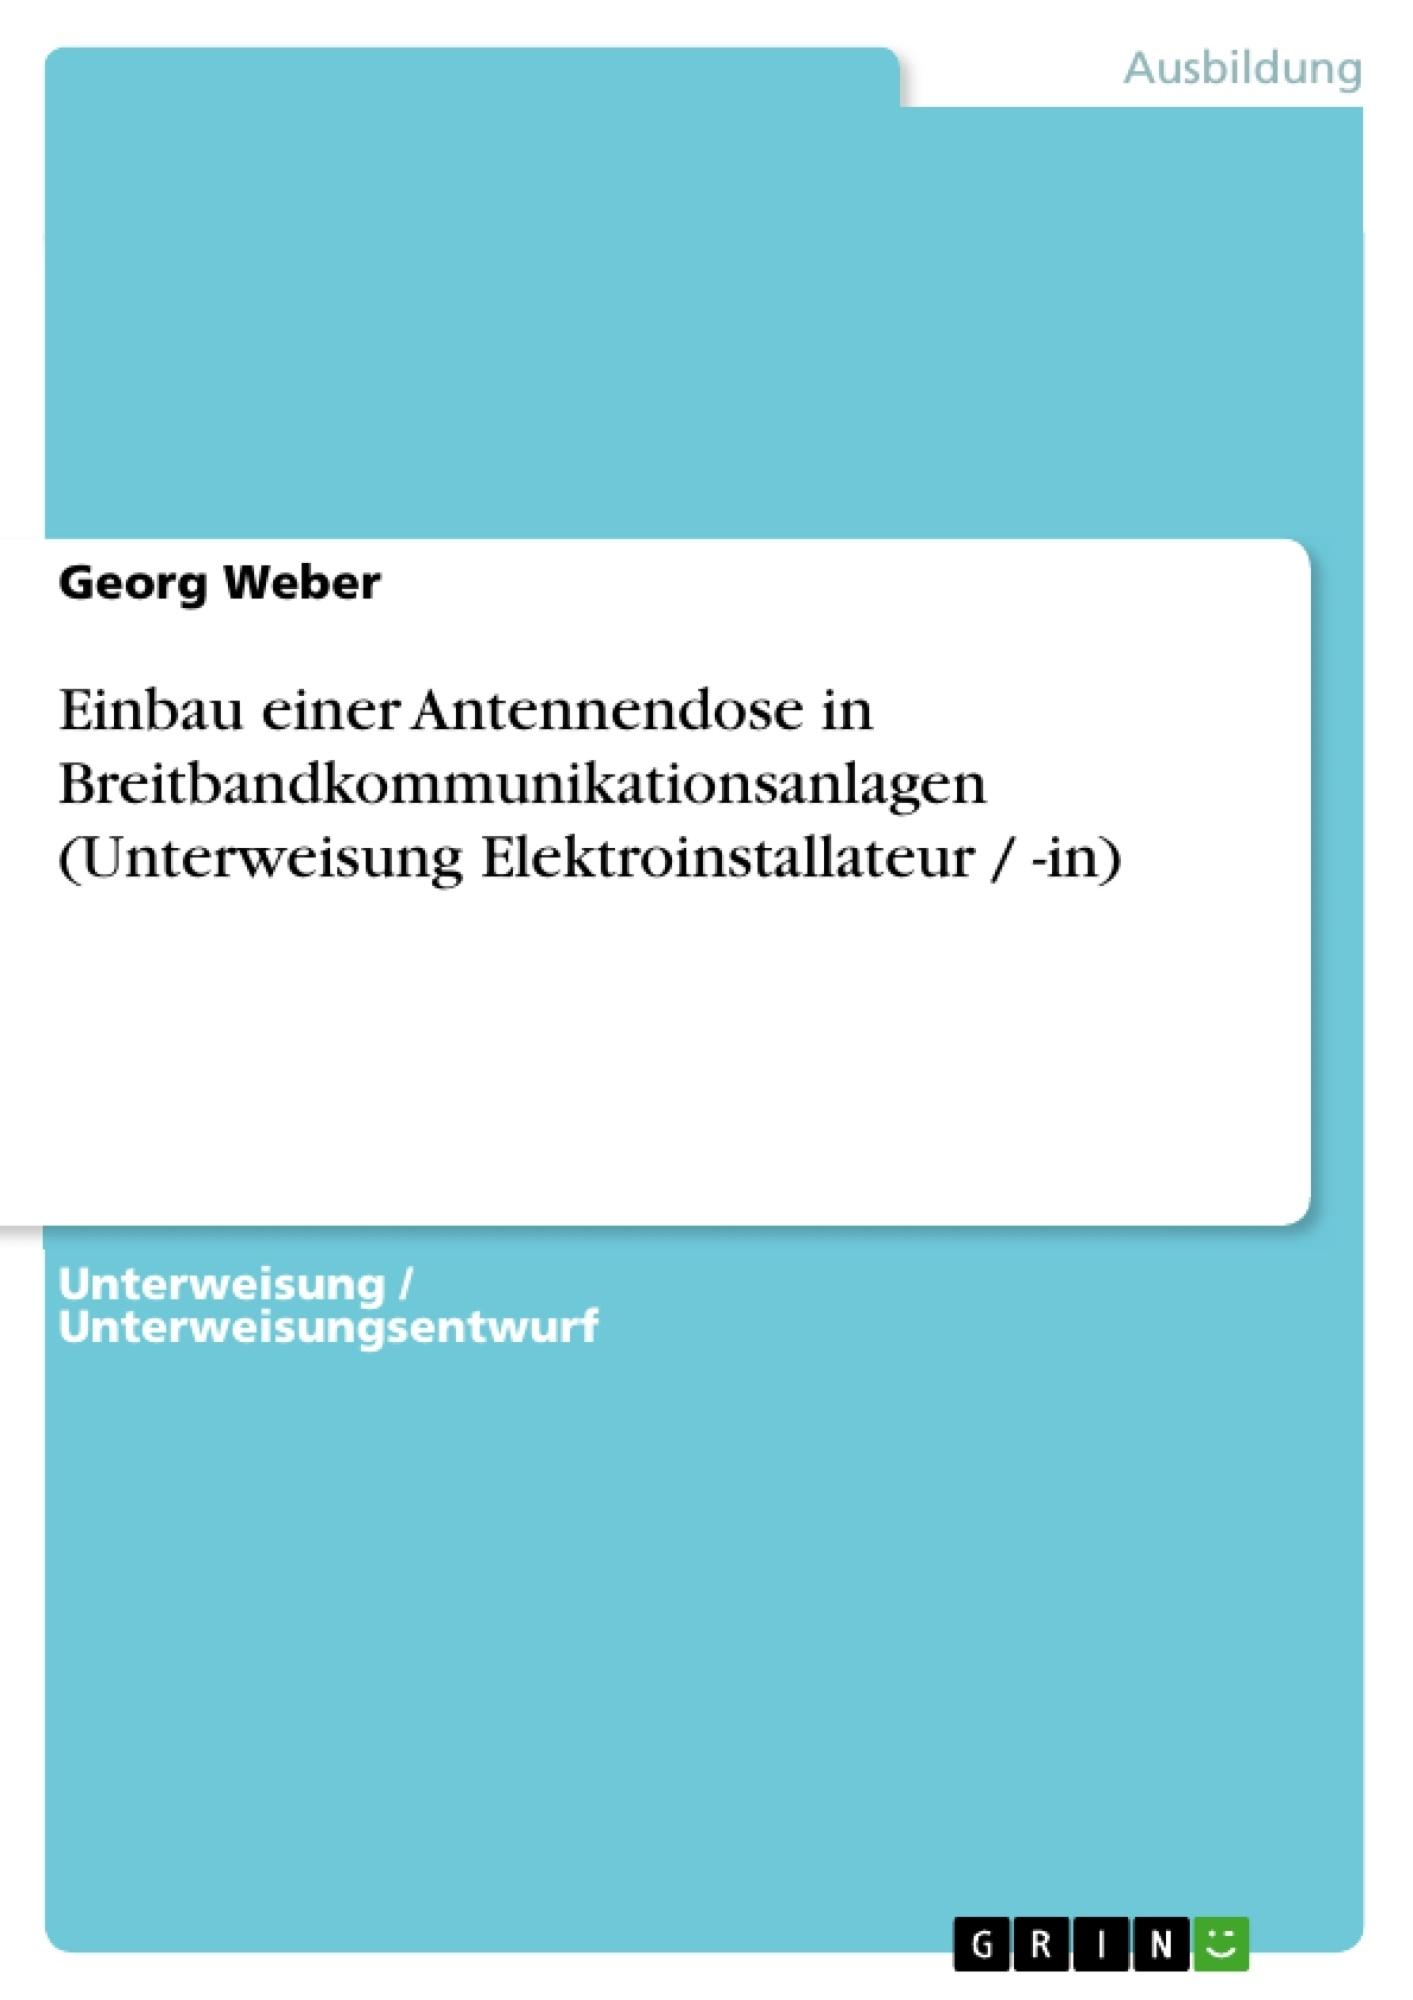 Titel: Einbau einer Antennendose in Breitbandkommunikationsanlagen (Unterweisung Elektroinstallateur / -in)